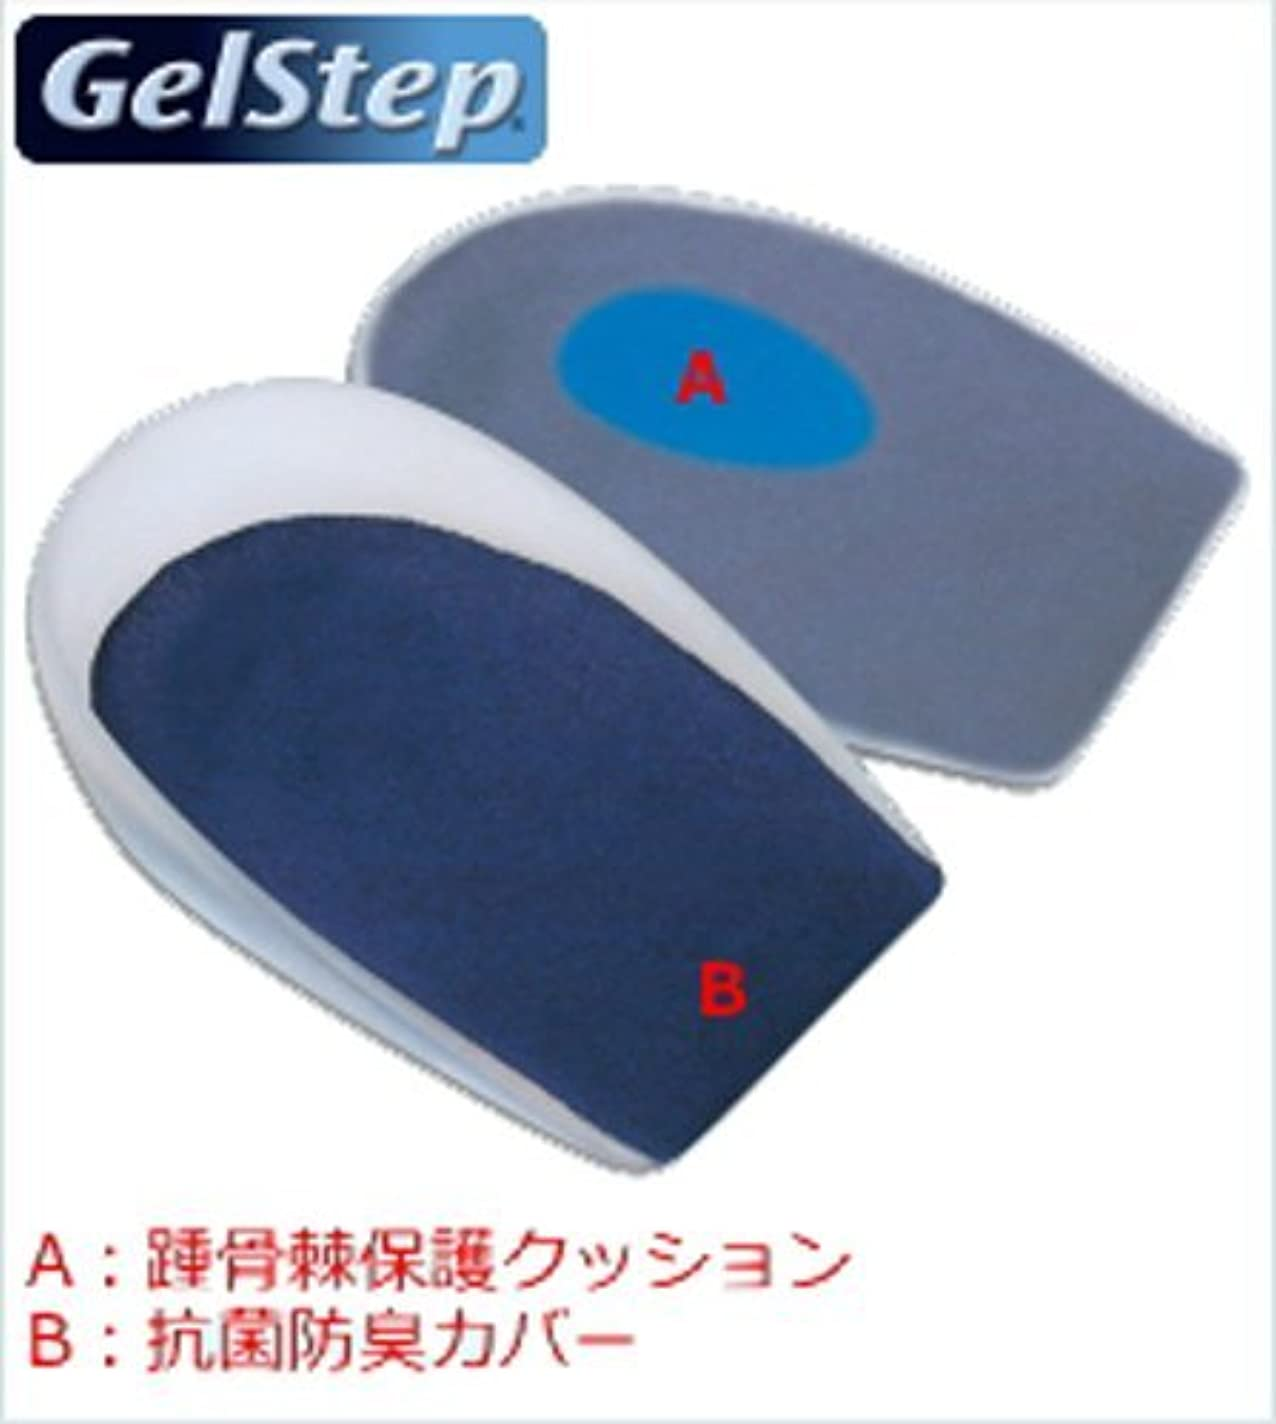 難民作る項目シリコン?ヒールカップ 高反発タイプ 踵骨棘保護クッション付き(5055 SC S-Gel)